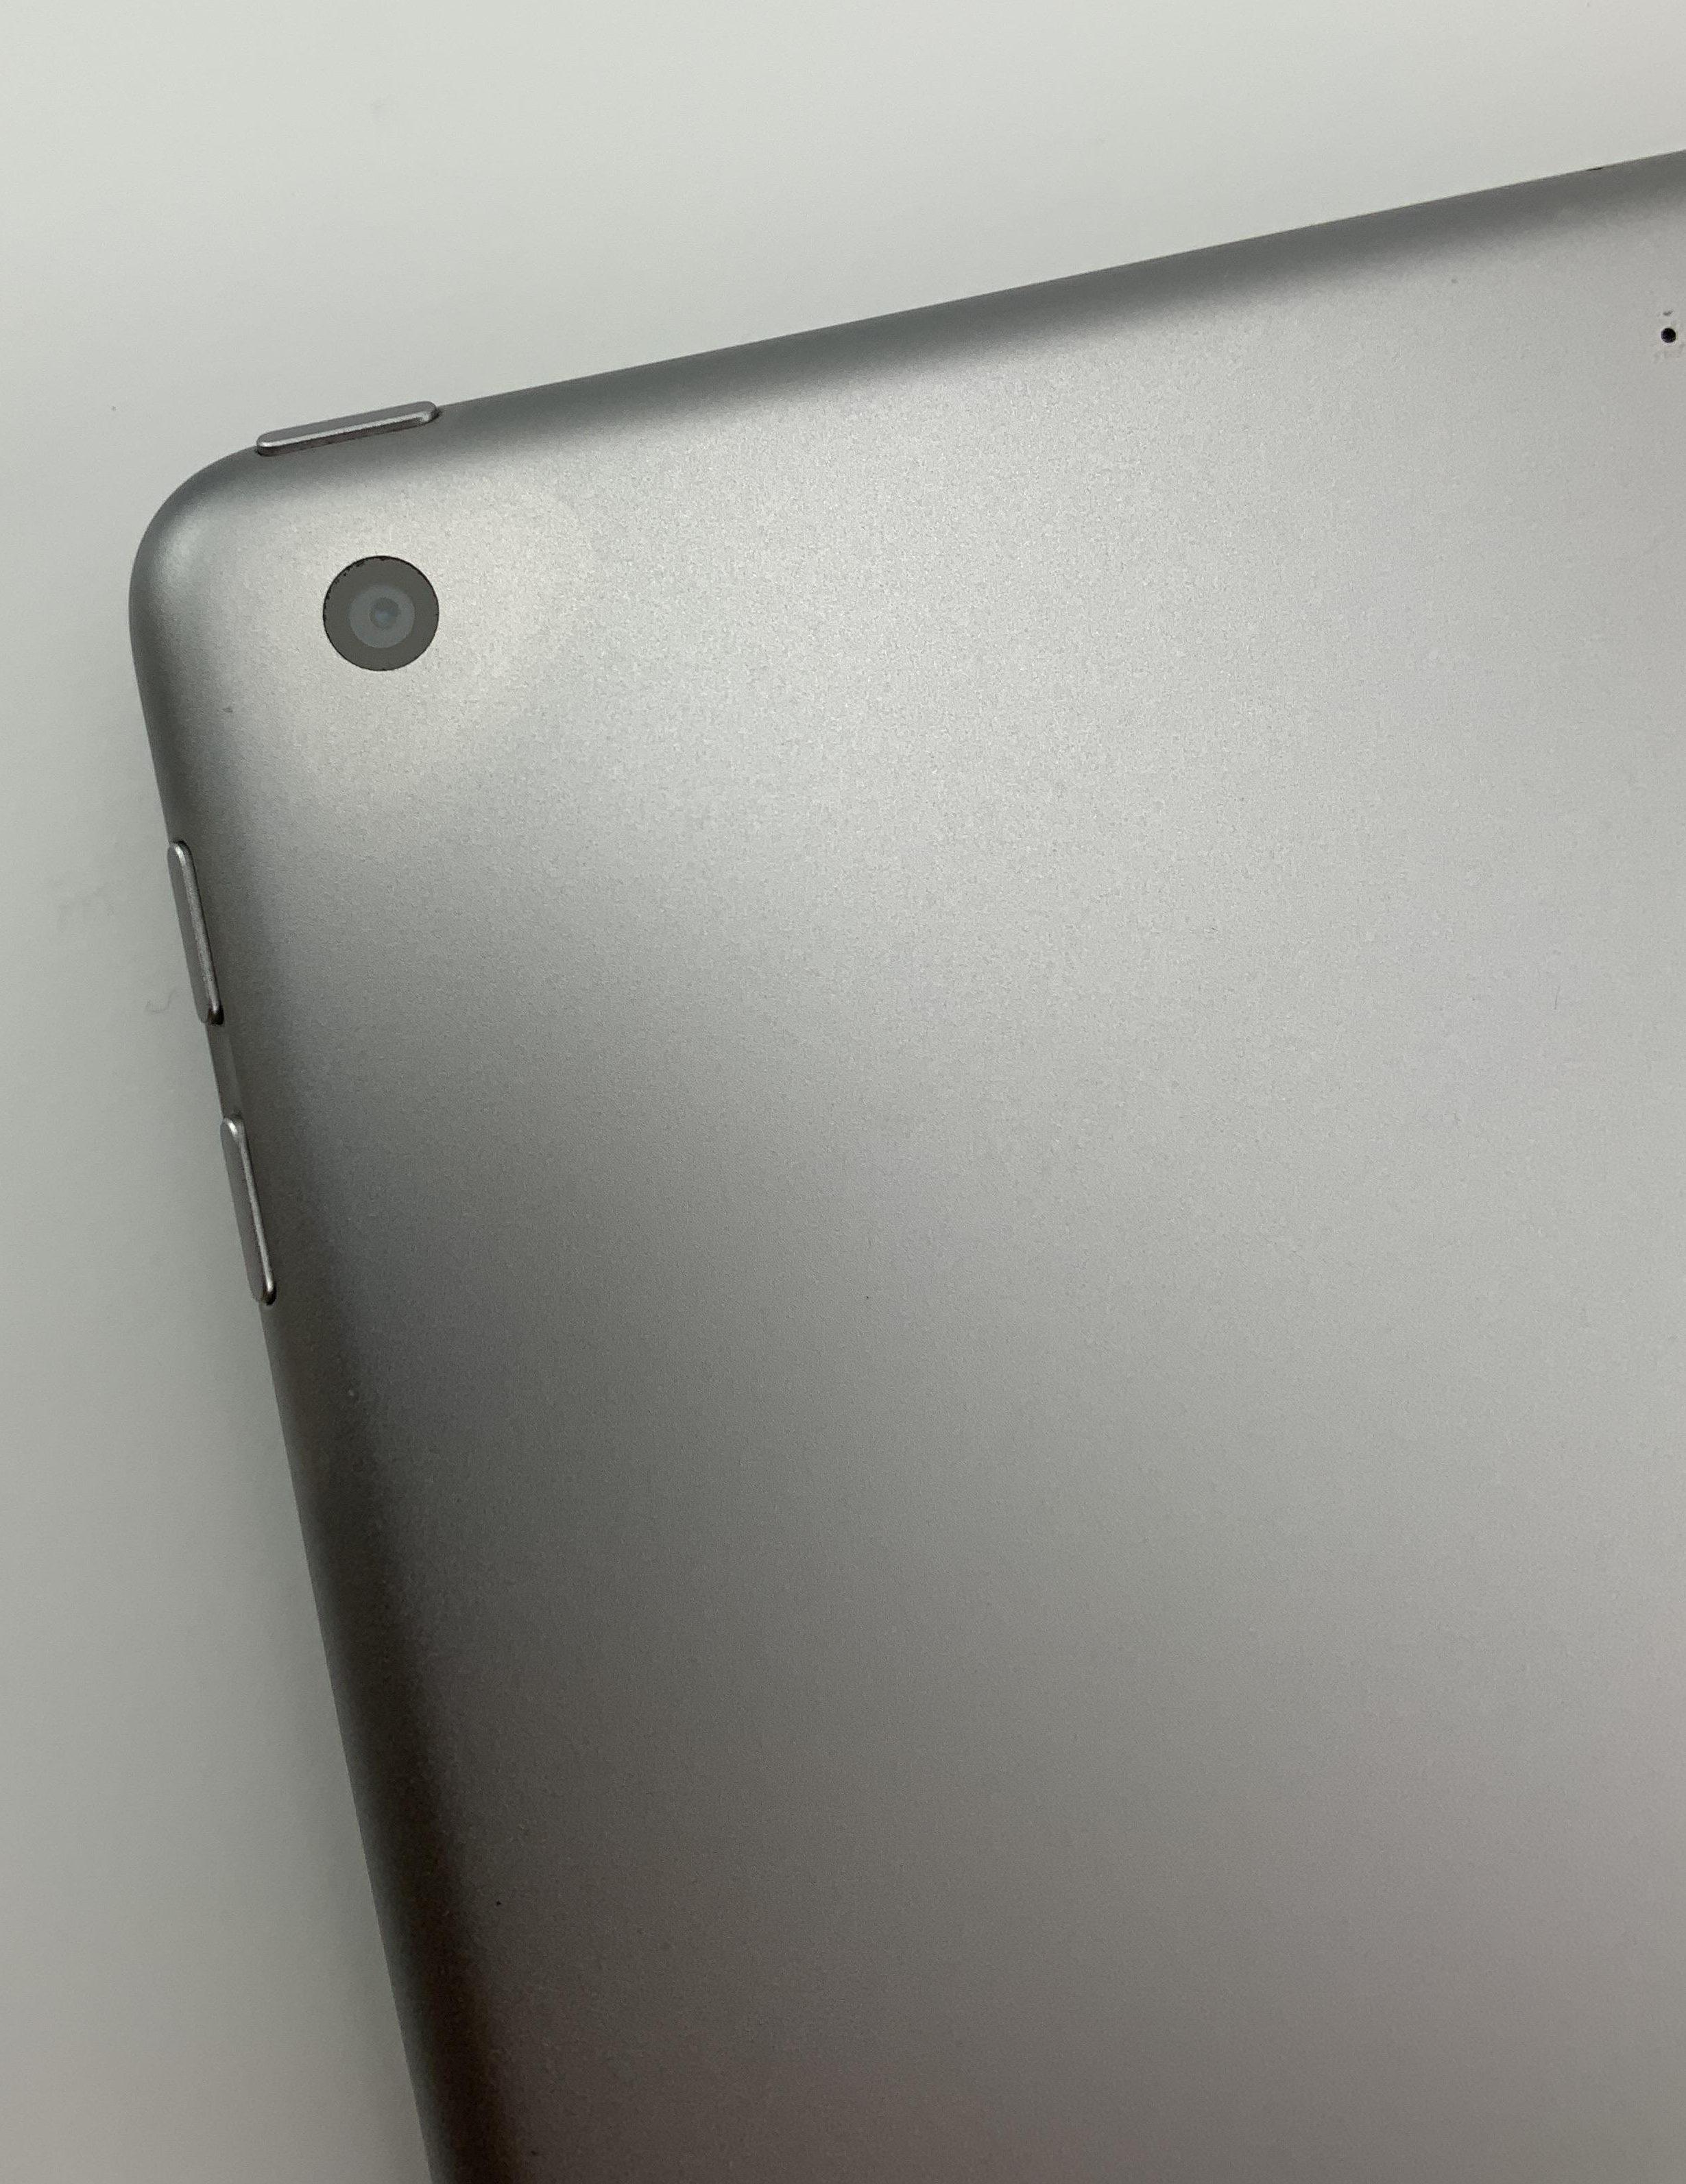 iPad 5 Wi-Fi 32GB, 32GB, Space Gray, image 3